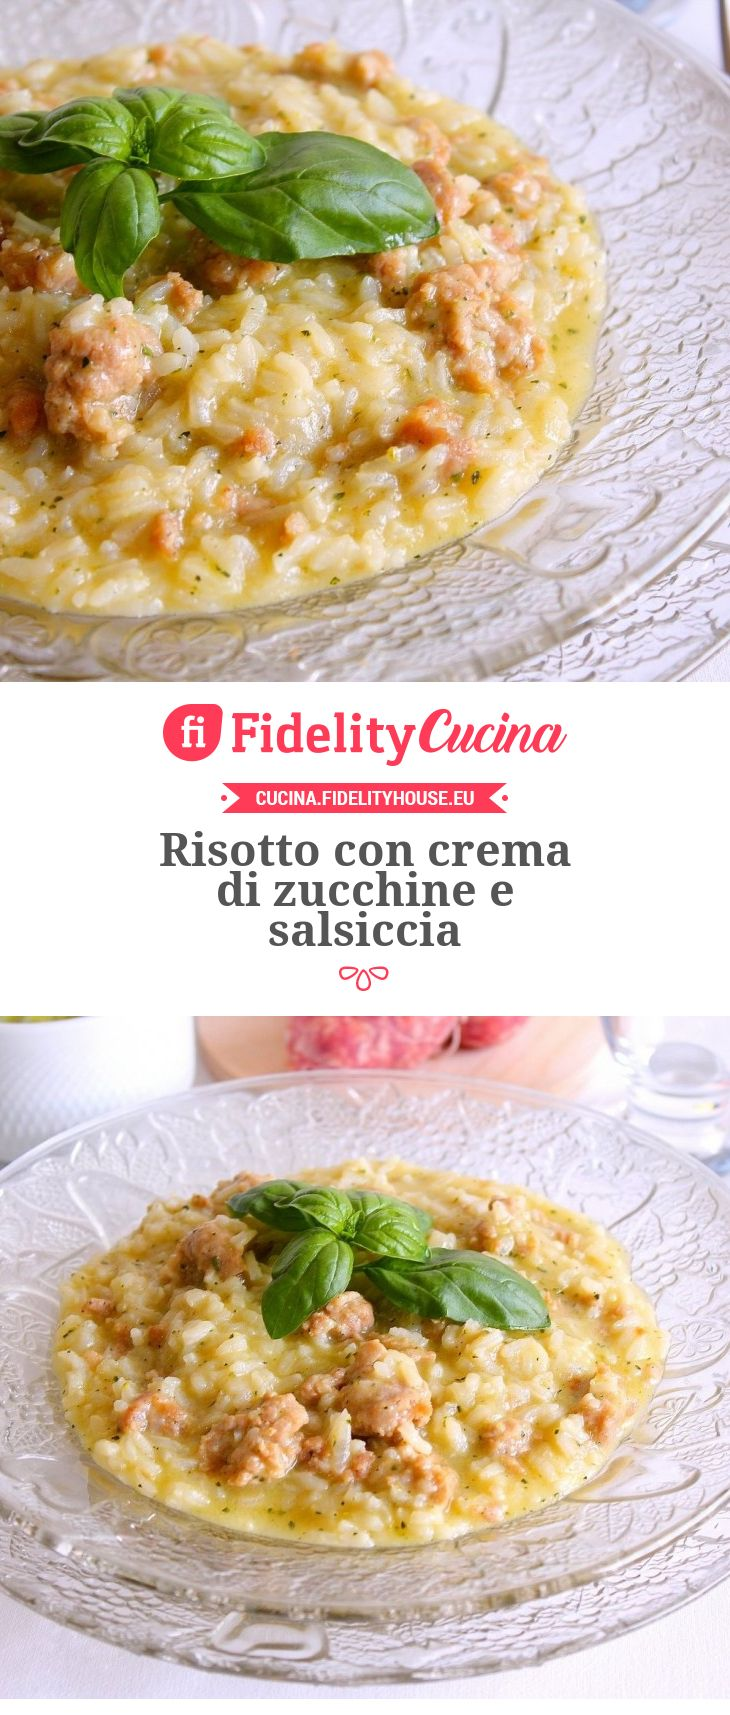 Risotto con crema di zucchine e salsiccia